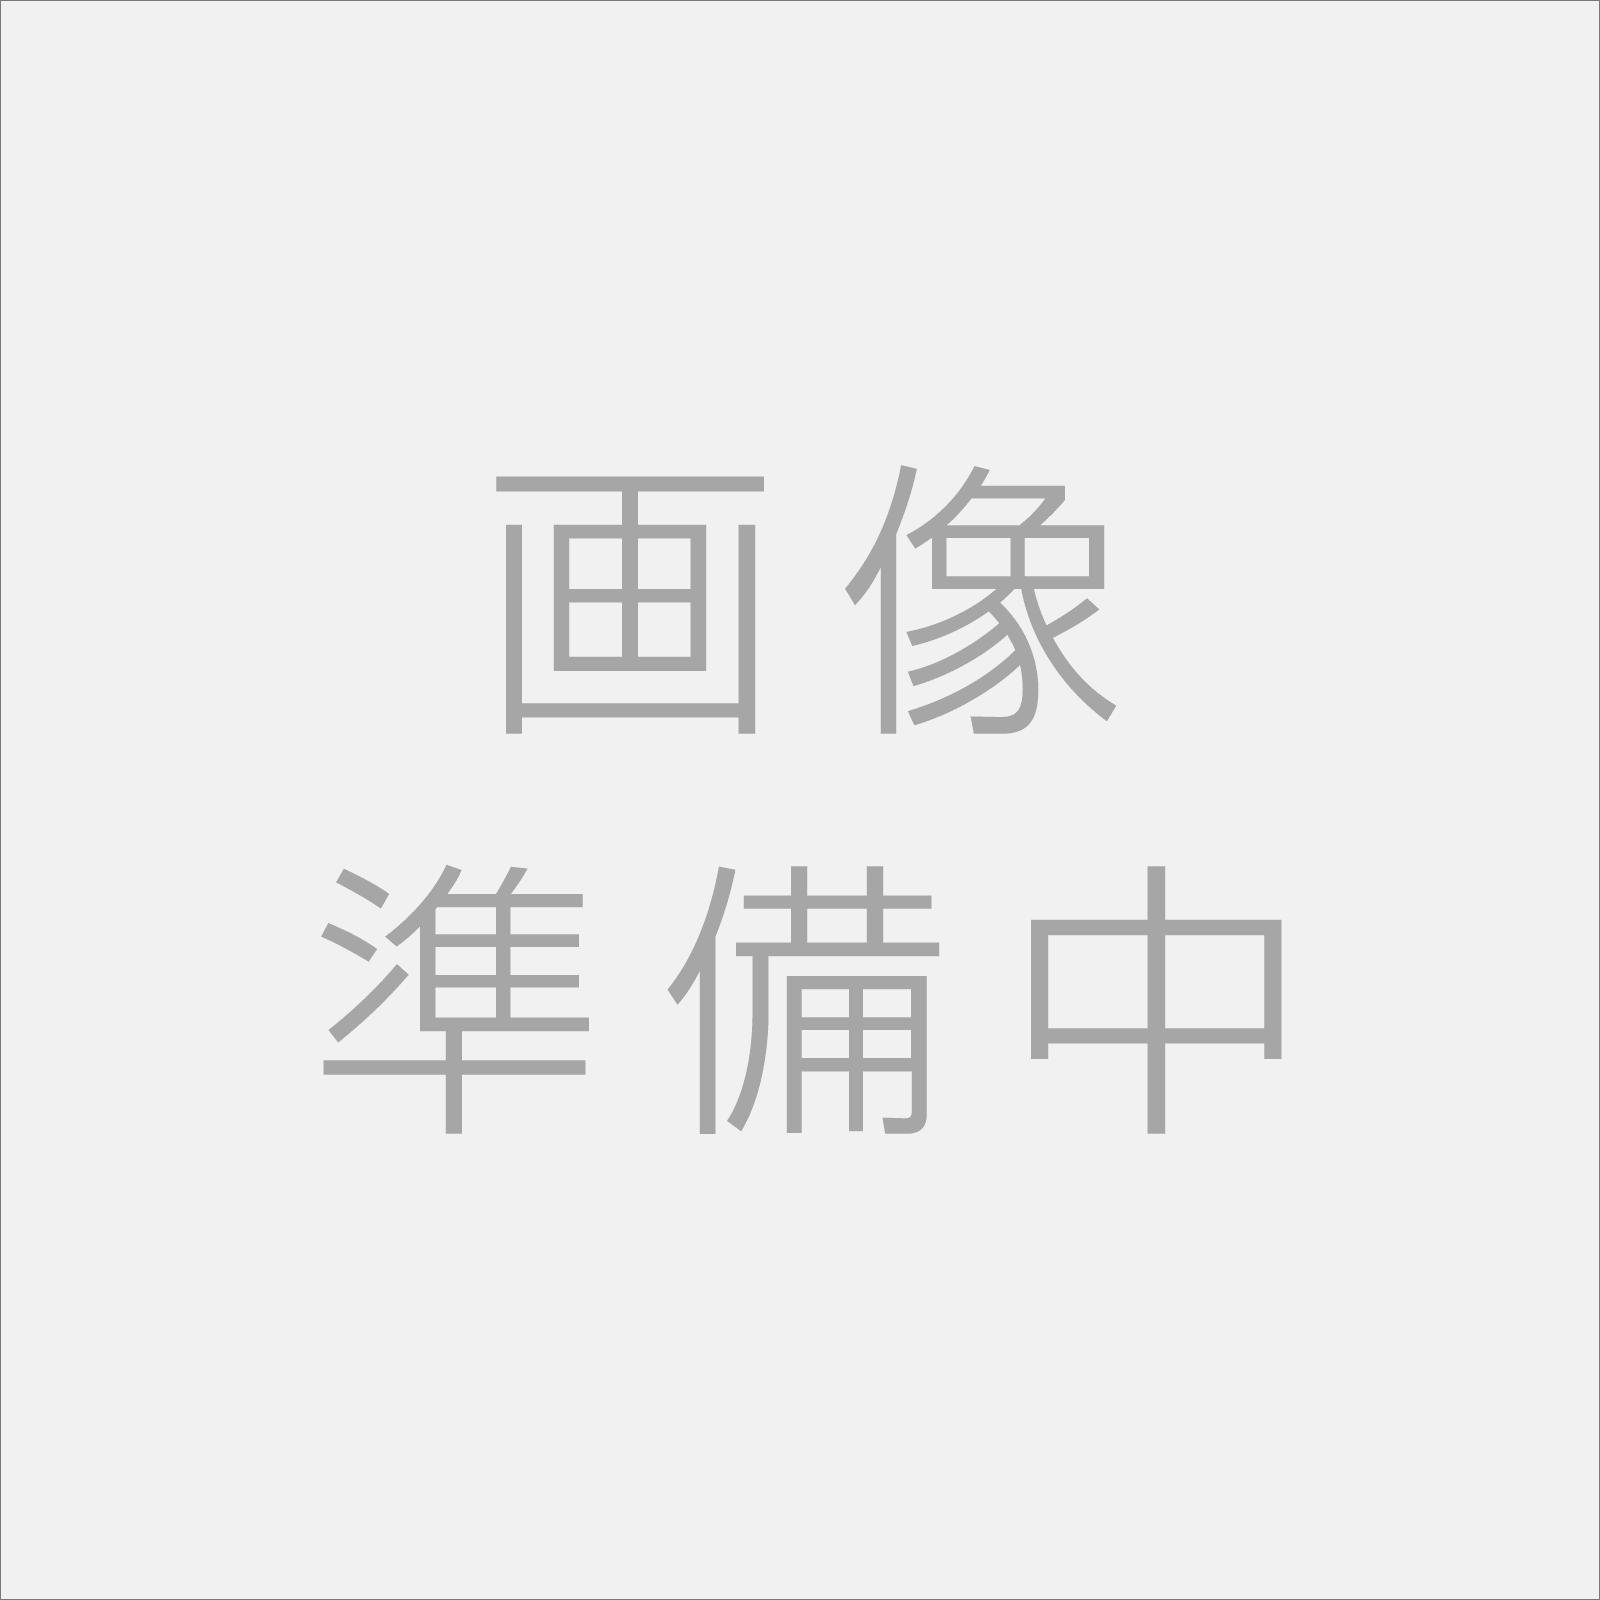 サンクレイドル横濱鶴見Ⅱの外観